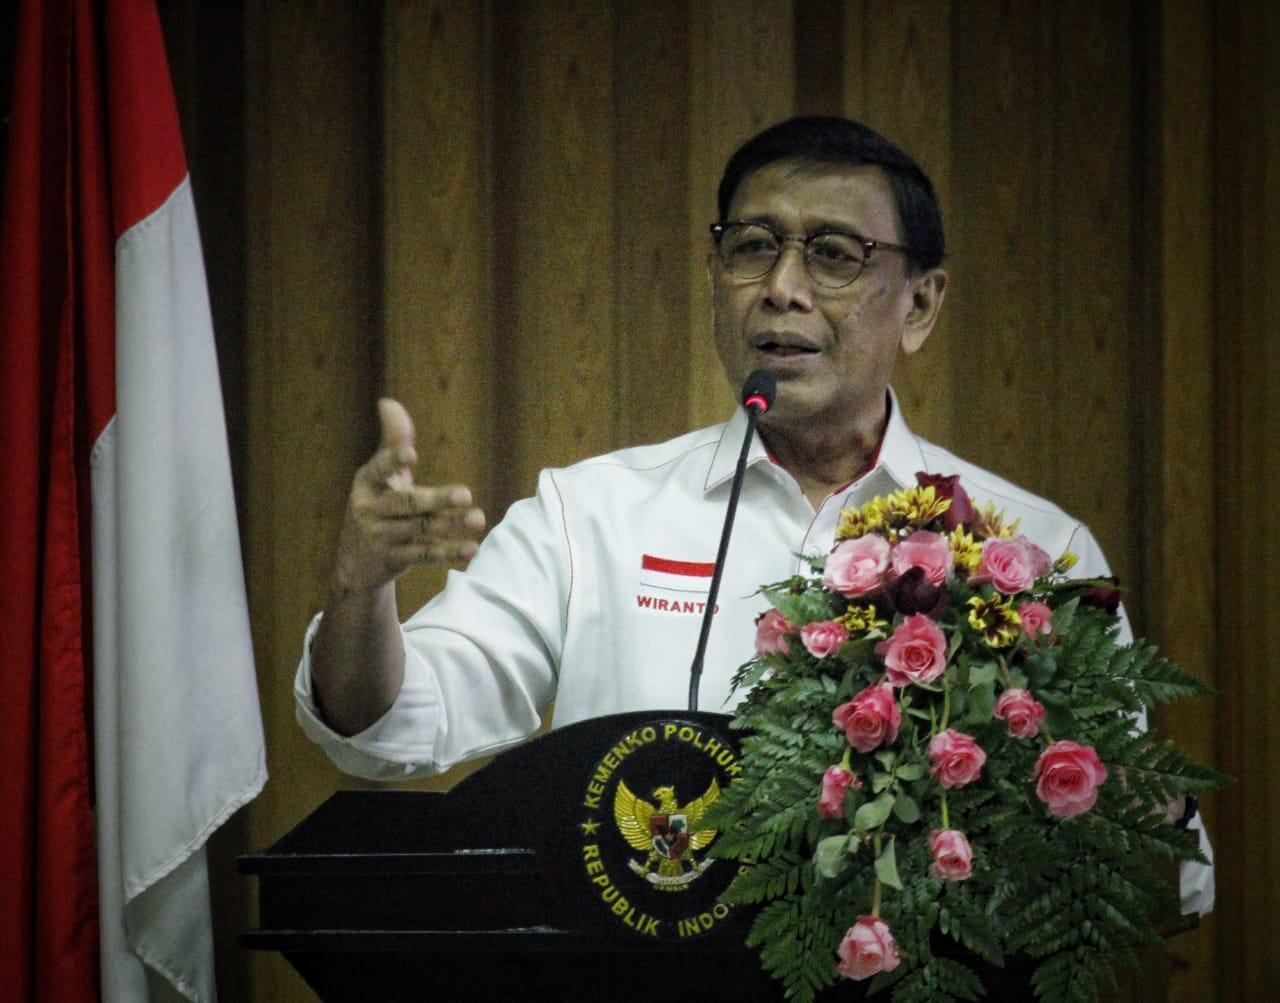 Kemenko Polhukam Apresiasi Indeks Demokrasi Indonesia di Jatim Meningkat